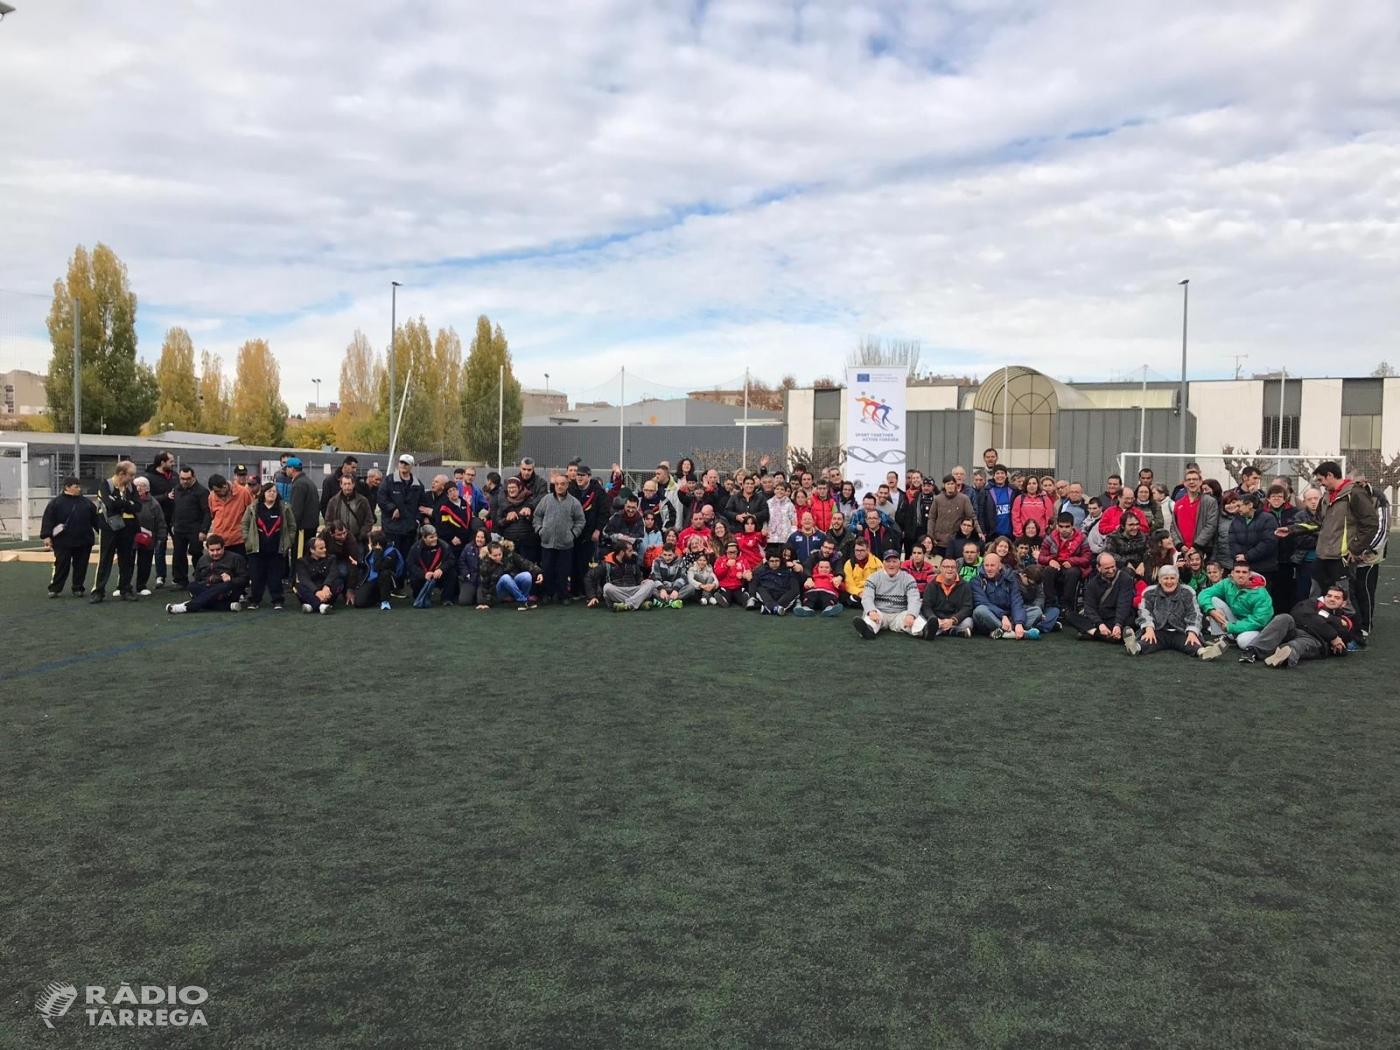 160 persones participen al primer torneig provincial de Bocce organitzat per l'Associació Alba a Tàrrega